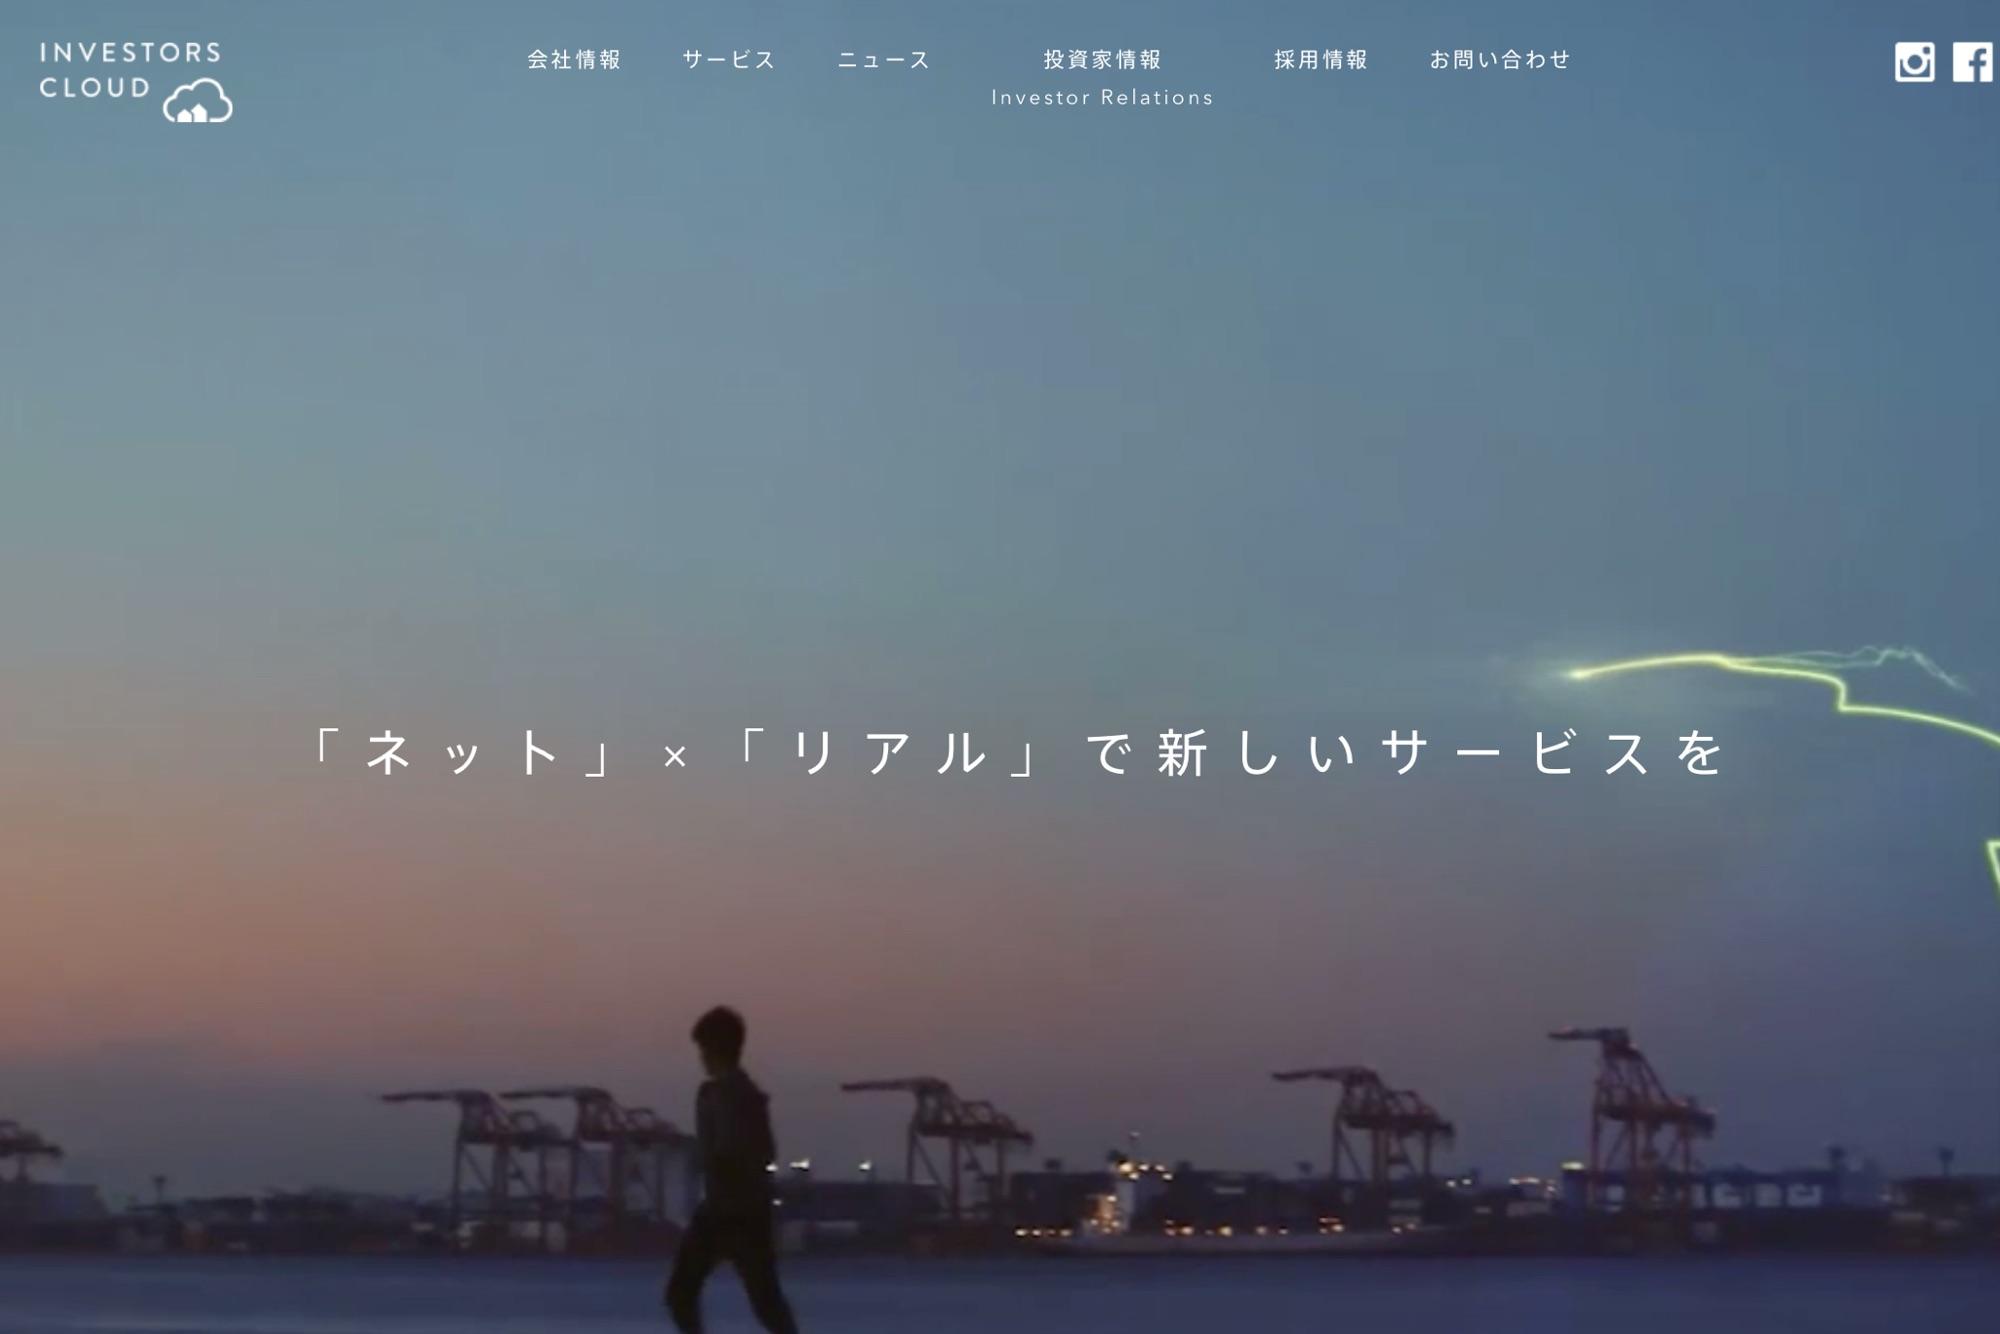 インベスターズクラウド(TATERU)の評判・口コミ